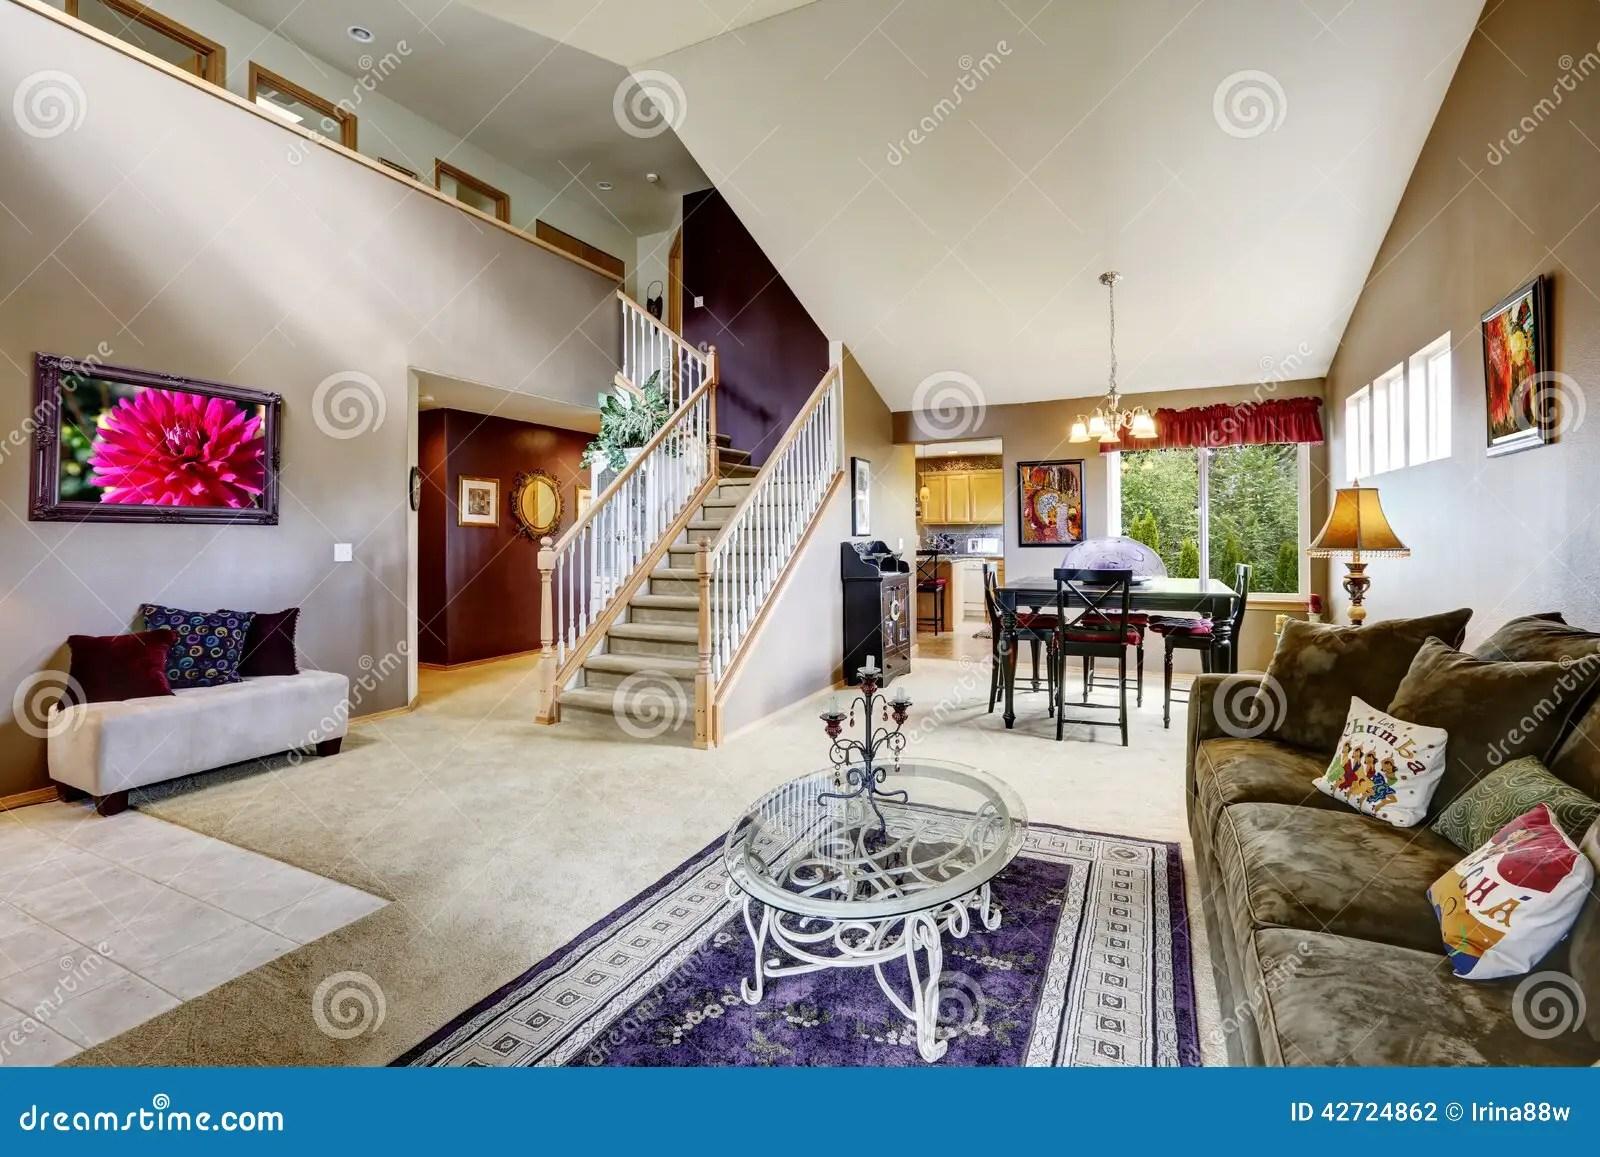 Intrieur De Chambre Avec Lespace Ouvert Salon Avec Lescalier Photo stock  Image 42724862